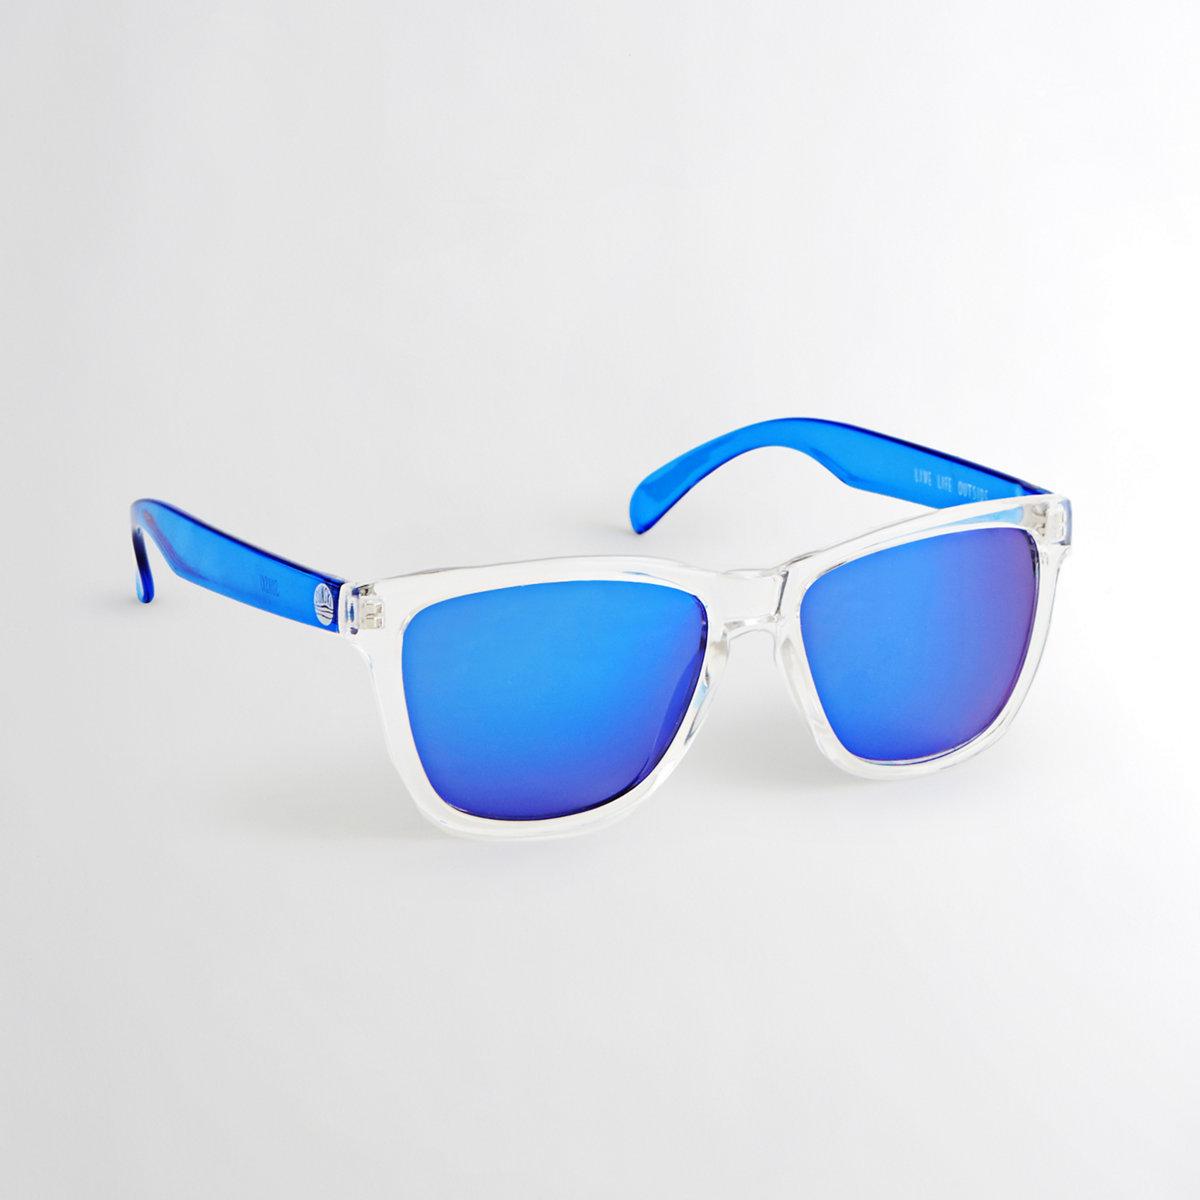 Sunski Original Sunglasses